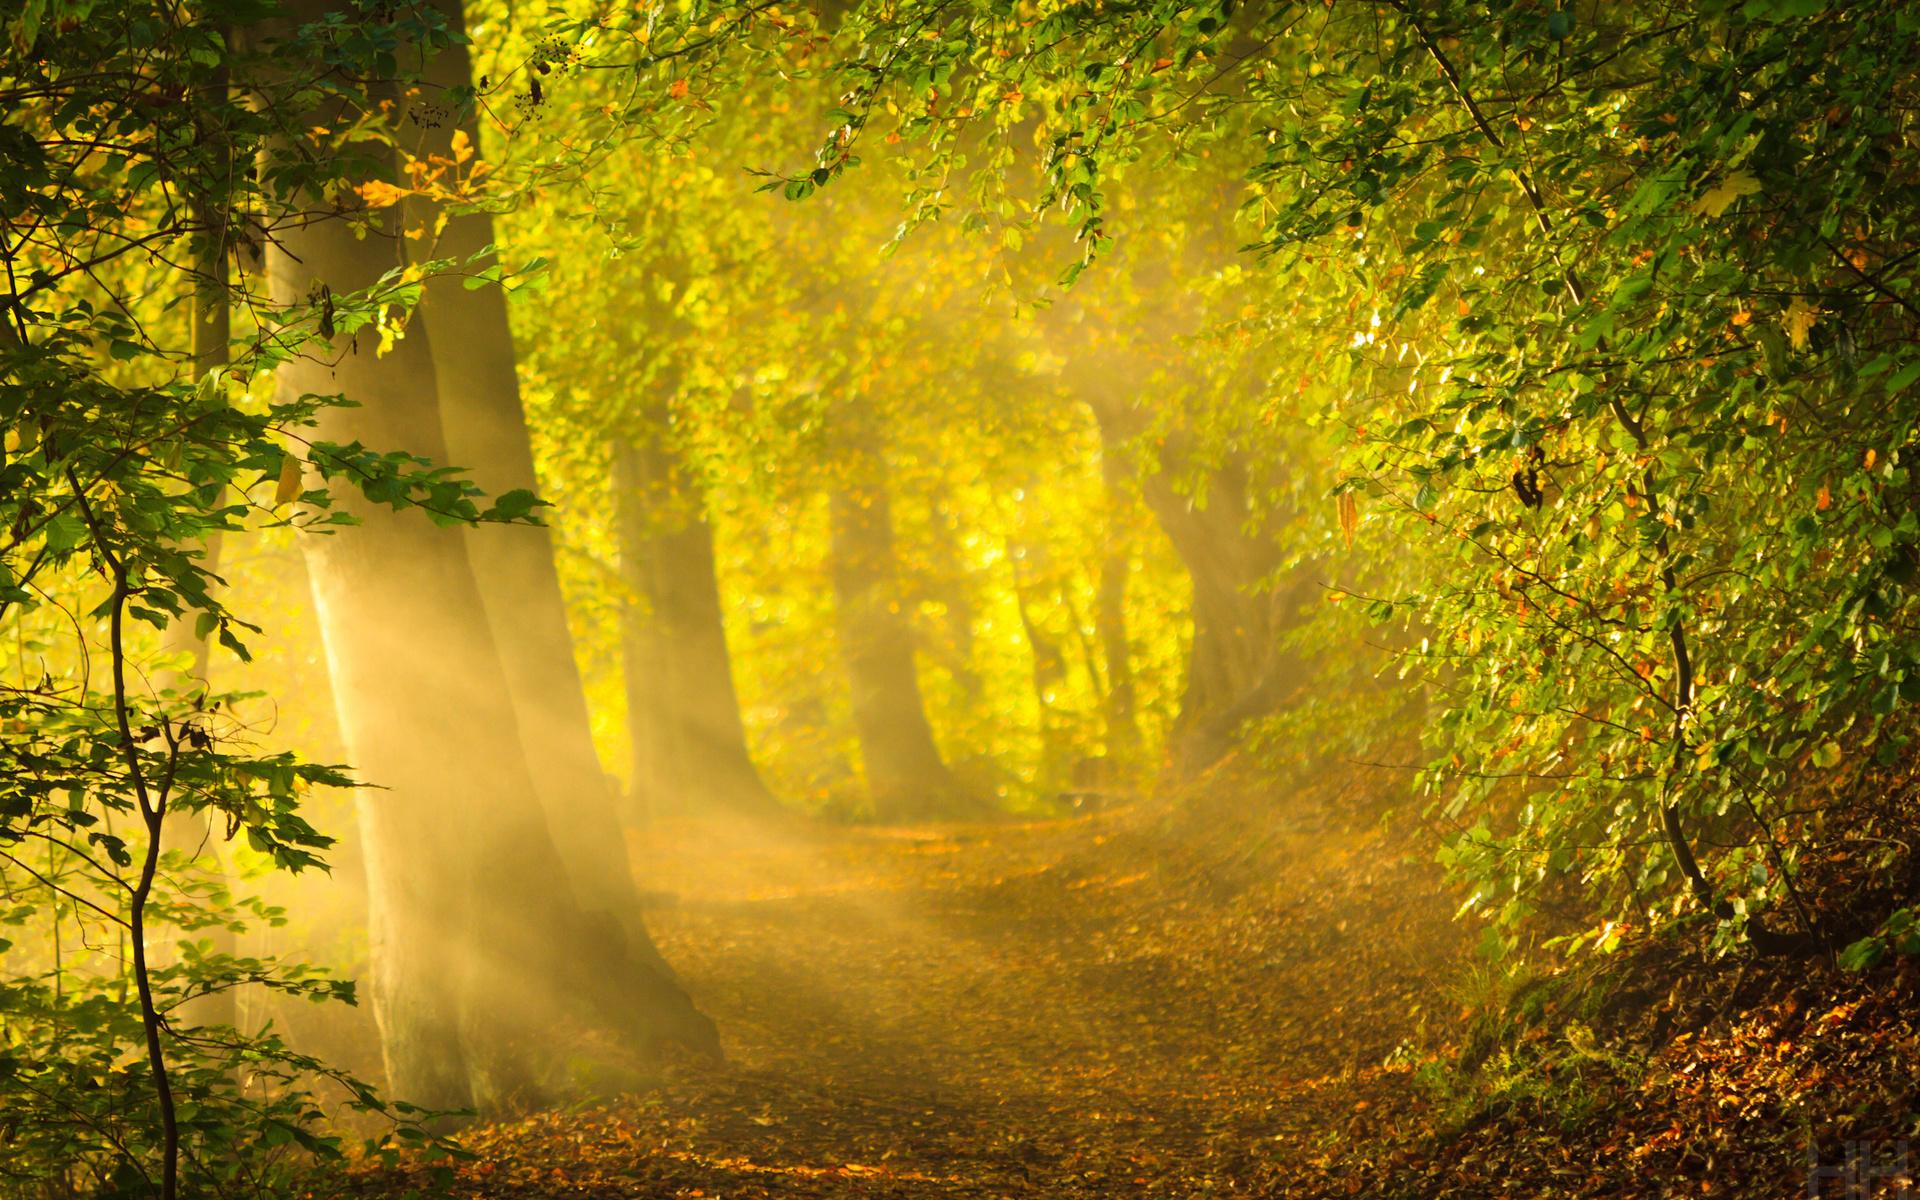 вышеперечисленных осеннее солнечное утро картинки подсветка, установленная под